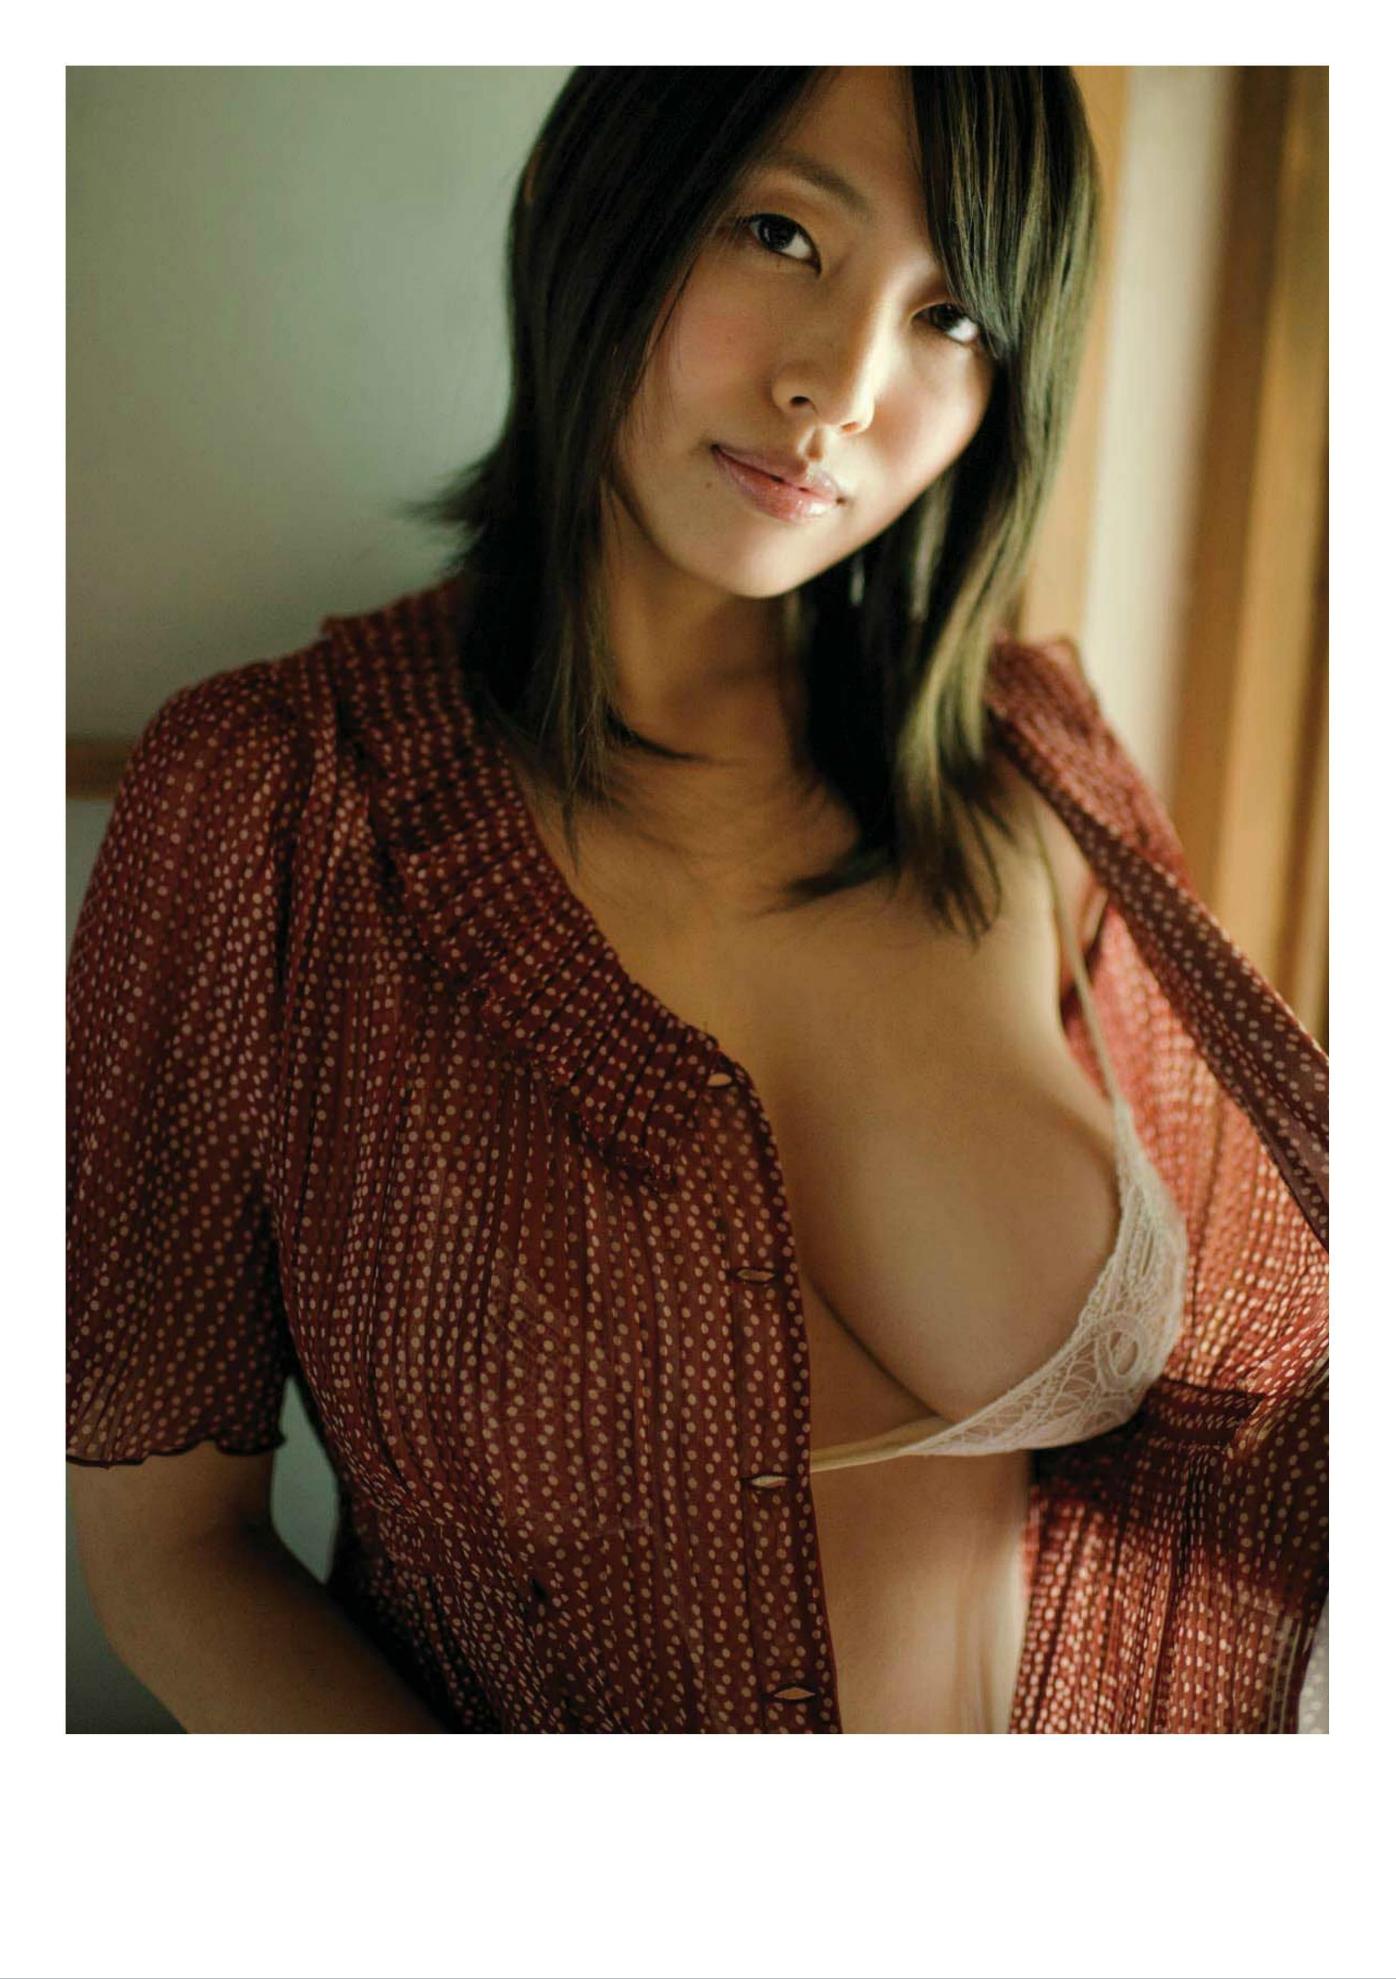 image http://scanlover.com/assets/images/2952-Q9IjvzZaeRS5Oebp.jpeg